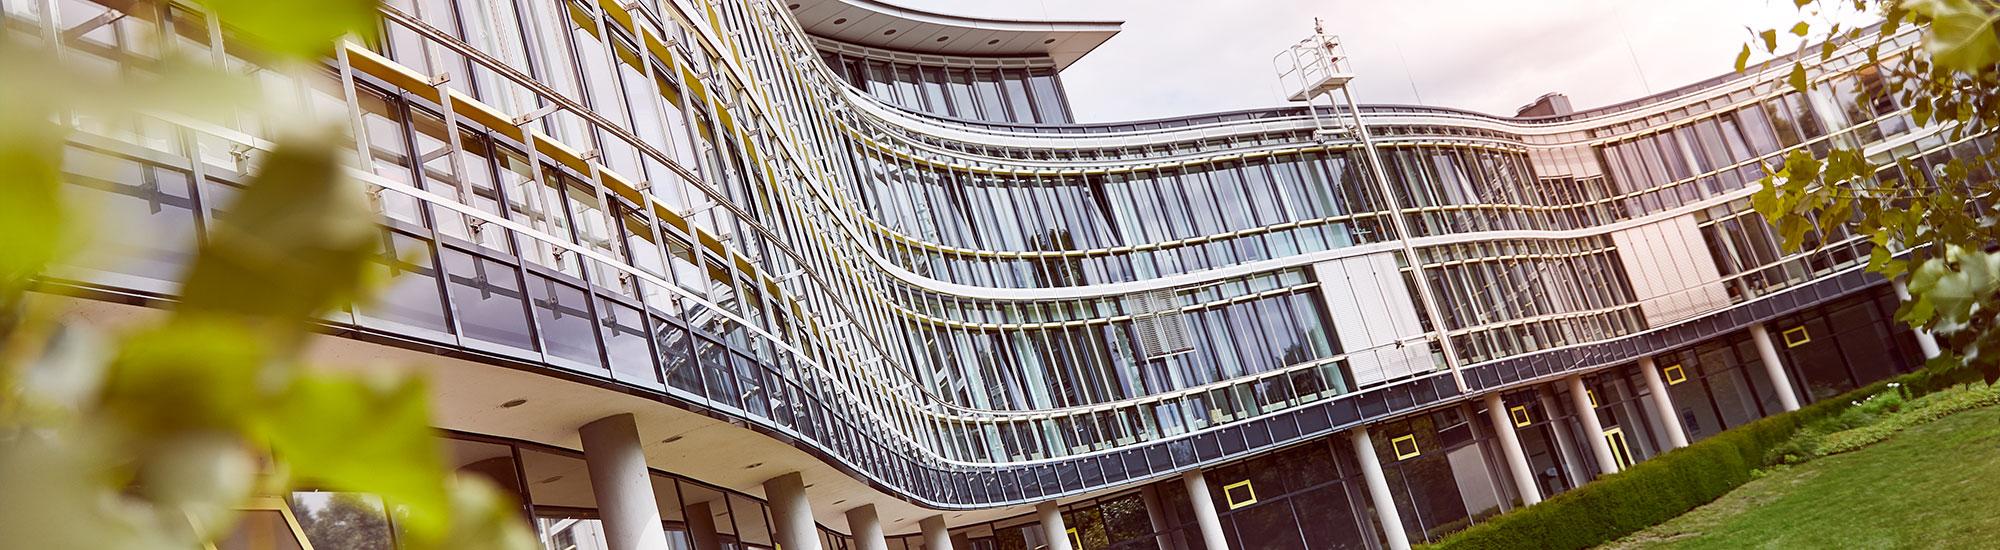 Hauptsitz des Fernleitungsnetzbetreibers Nowega in Münster